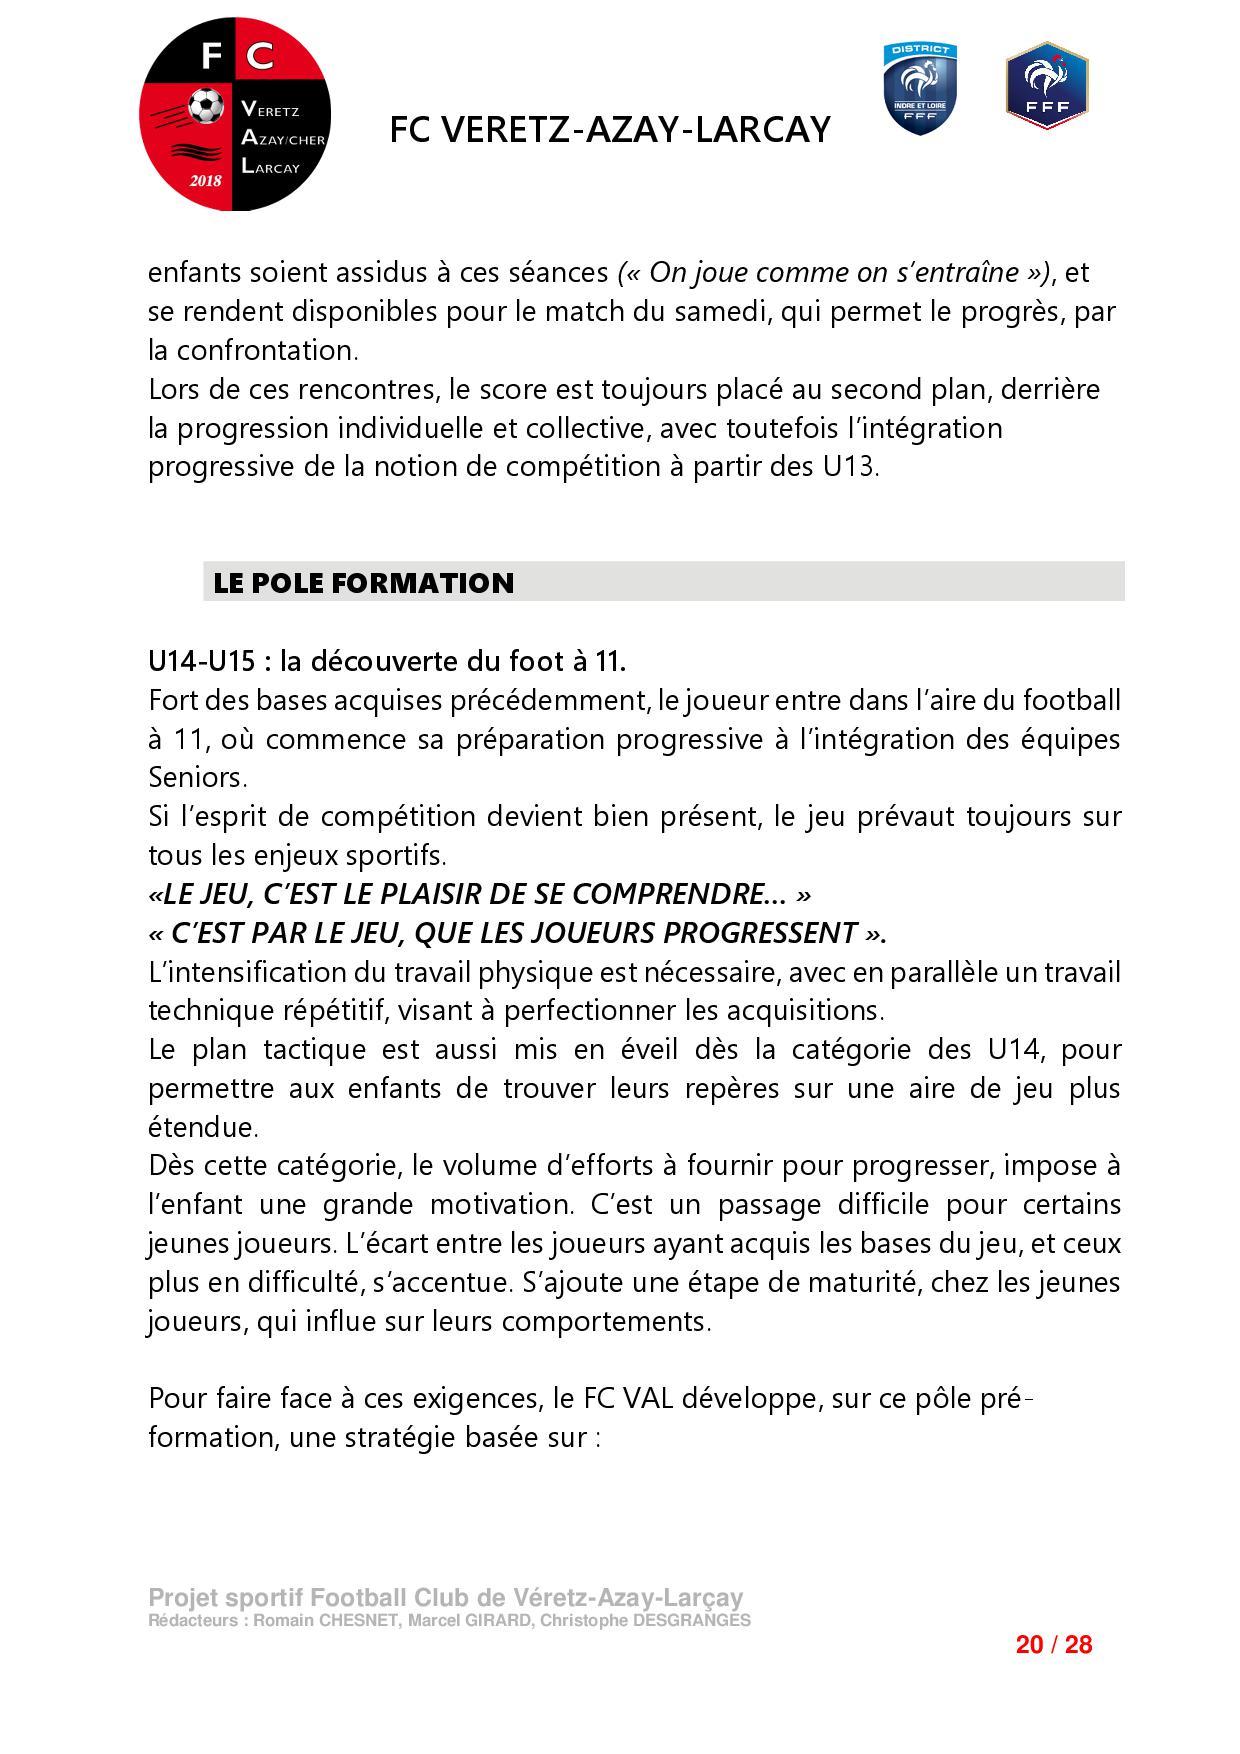 projet_sportif_2017-202020.jpg